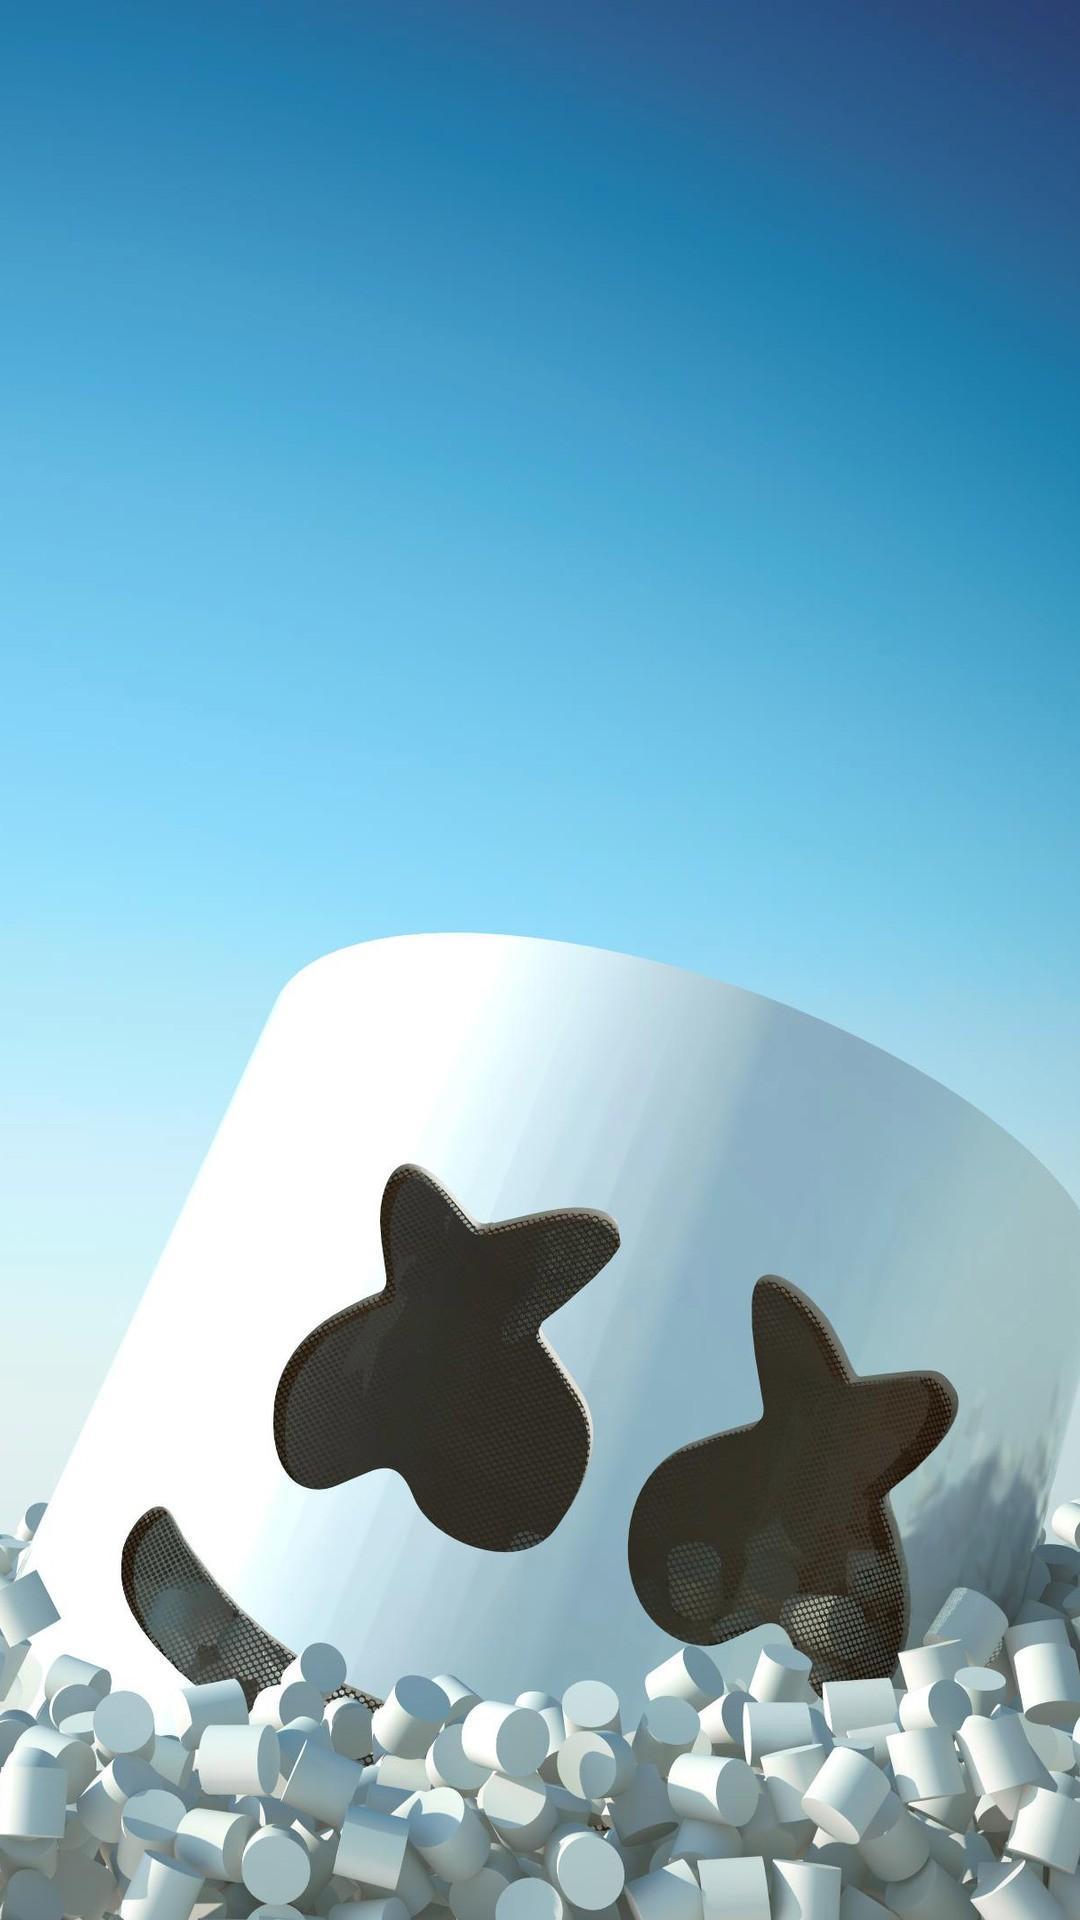 Hình nền 1080x1920 Marshmello Do - [1080x1920]